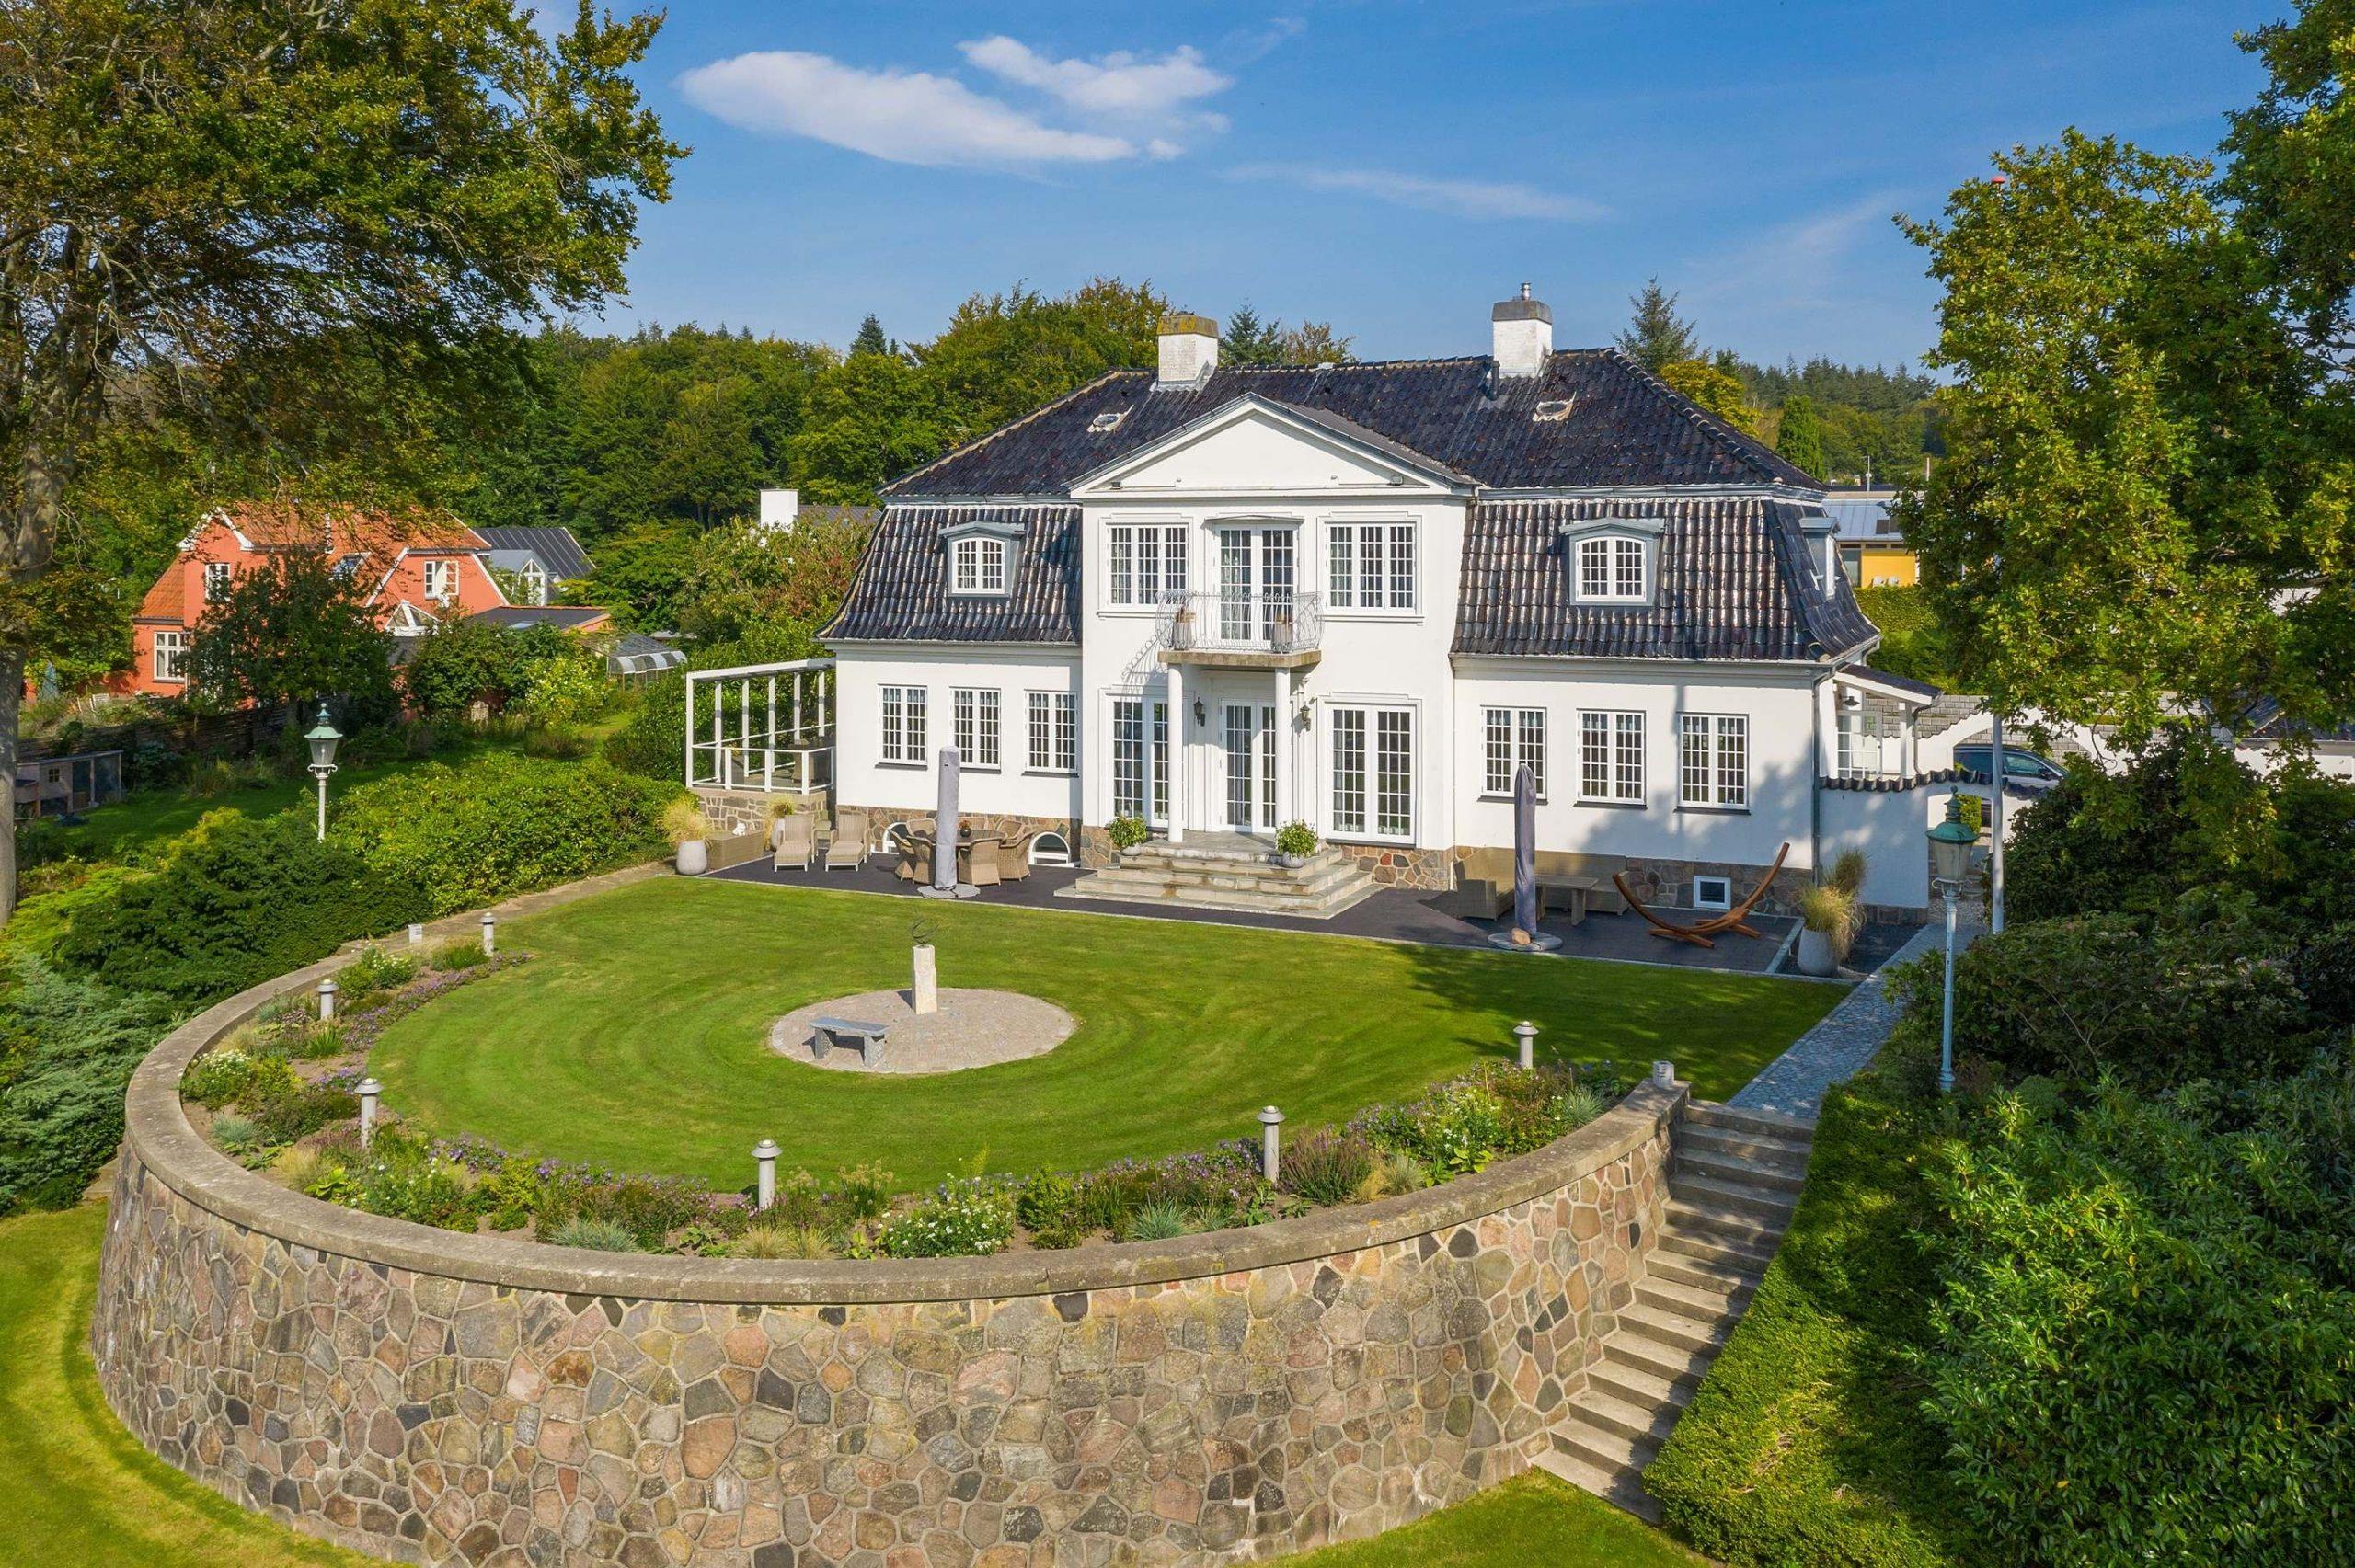 Danmarks dyreste huse: Nordjyllands dyreste villa ligger i Aalborg